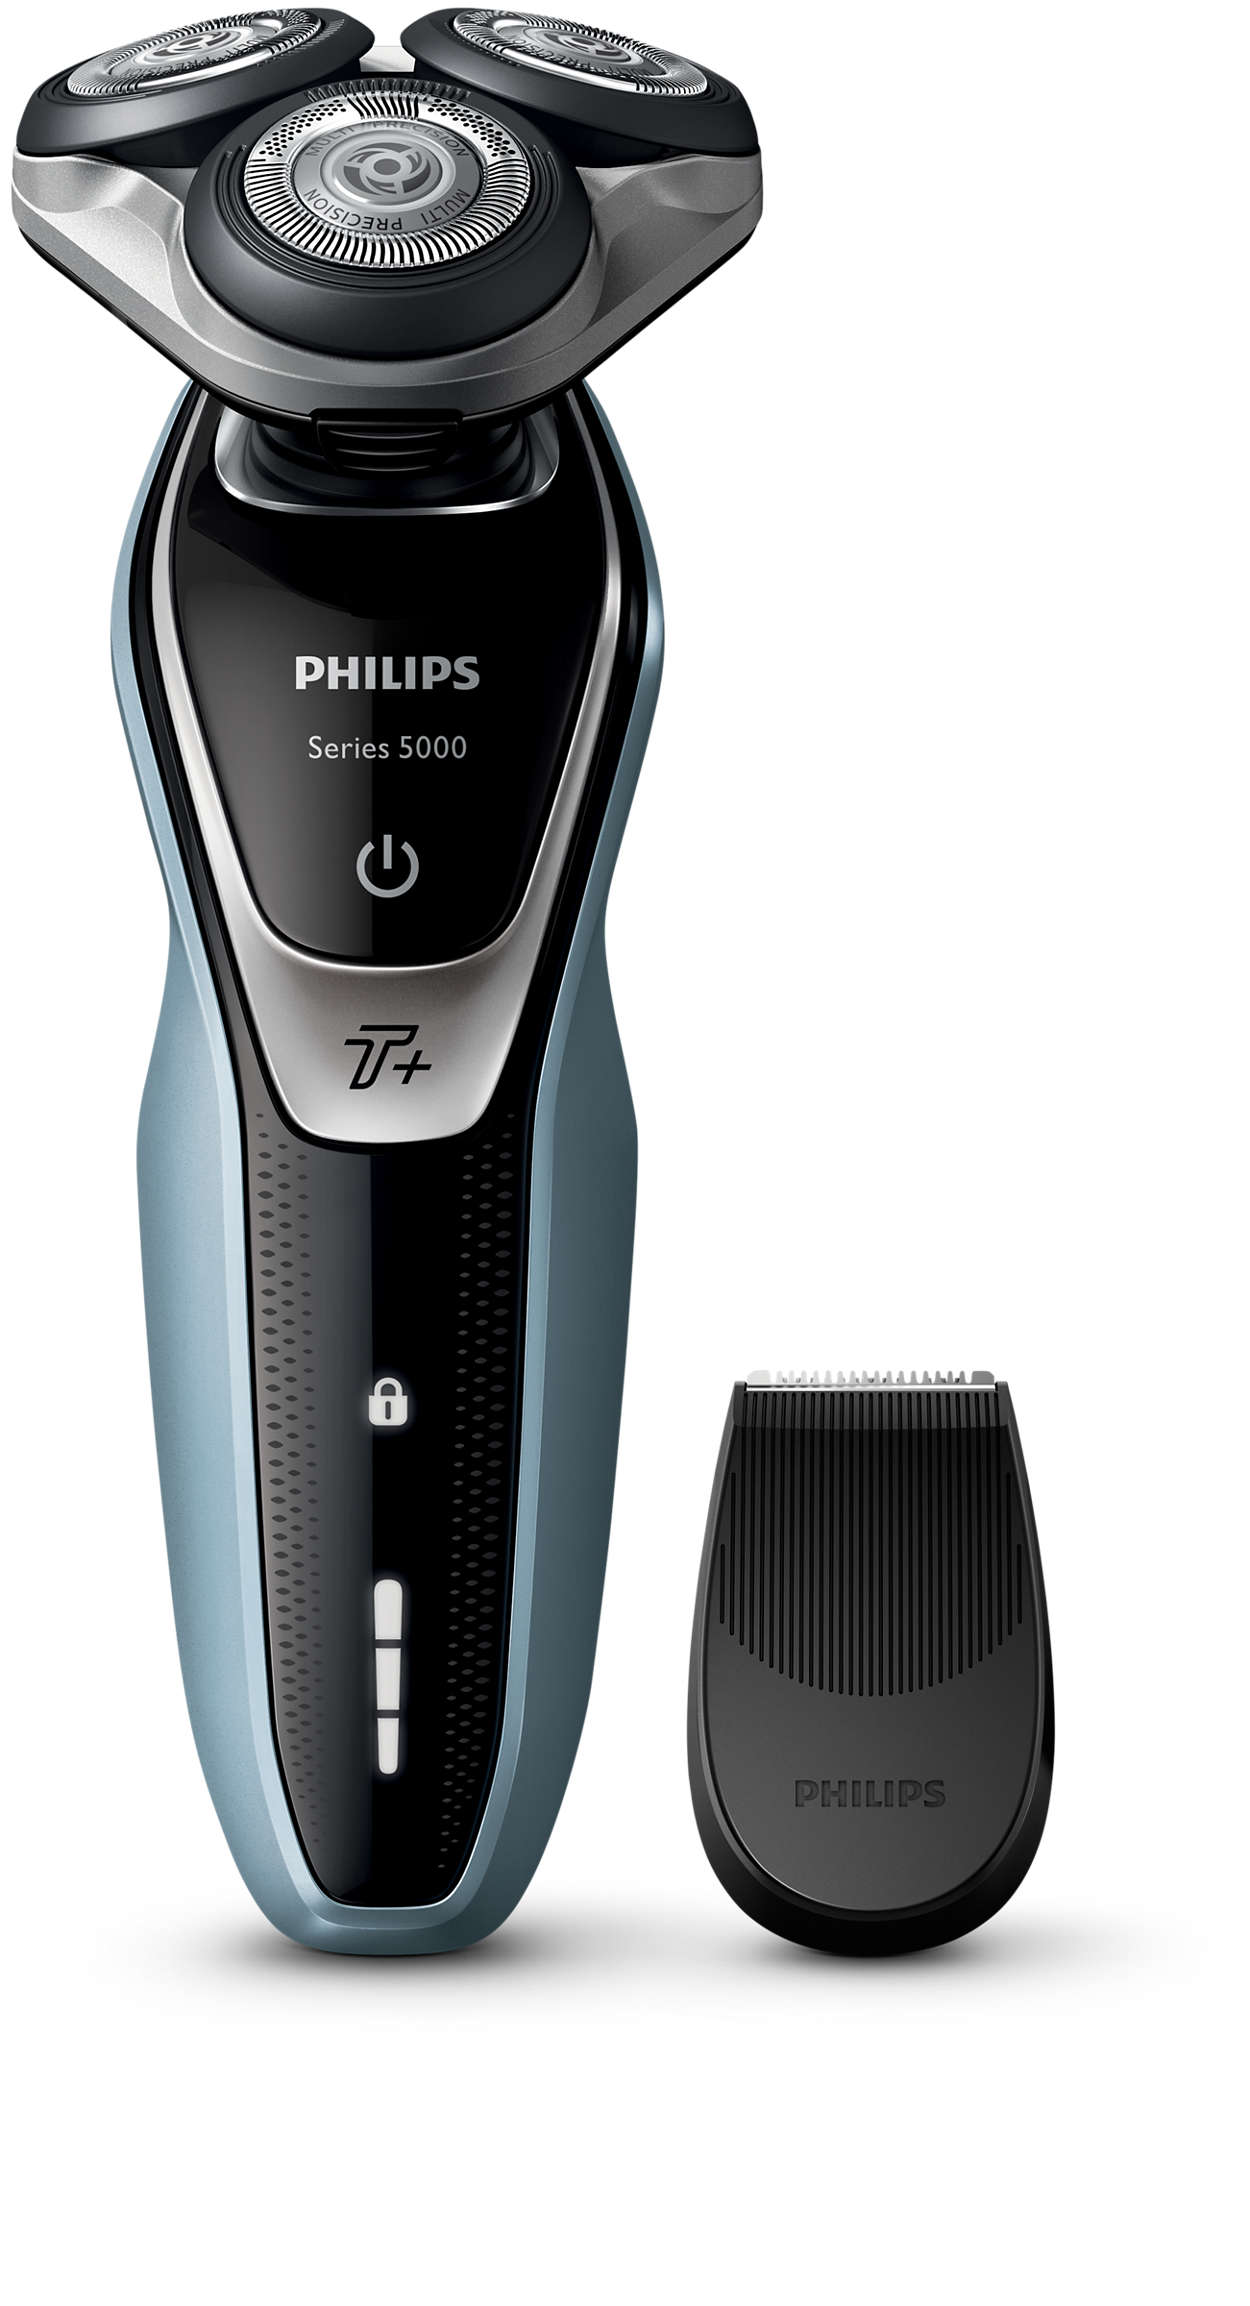 Tiszta, alapos és gyors borotválkozás